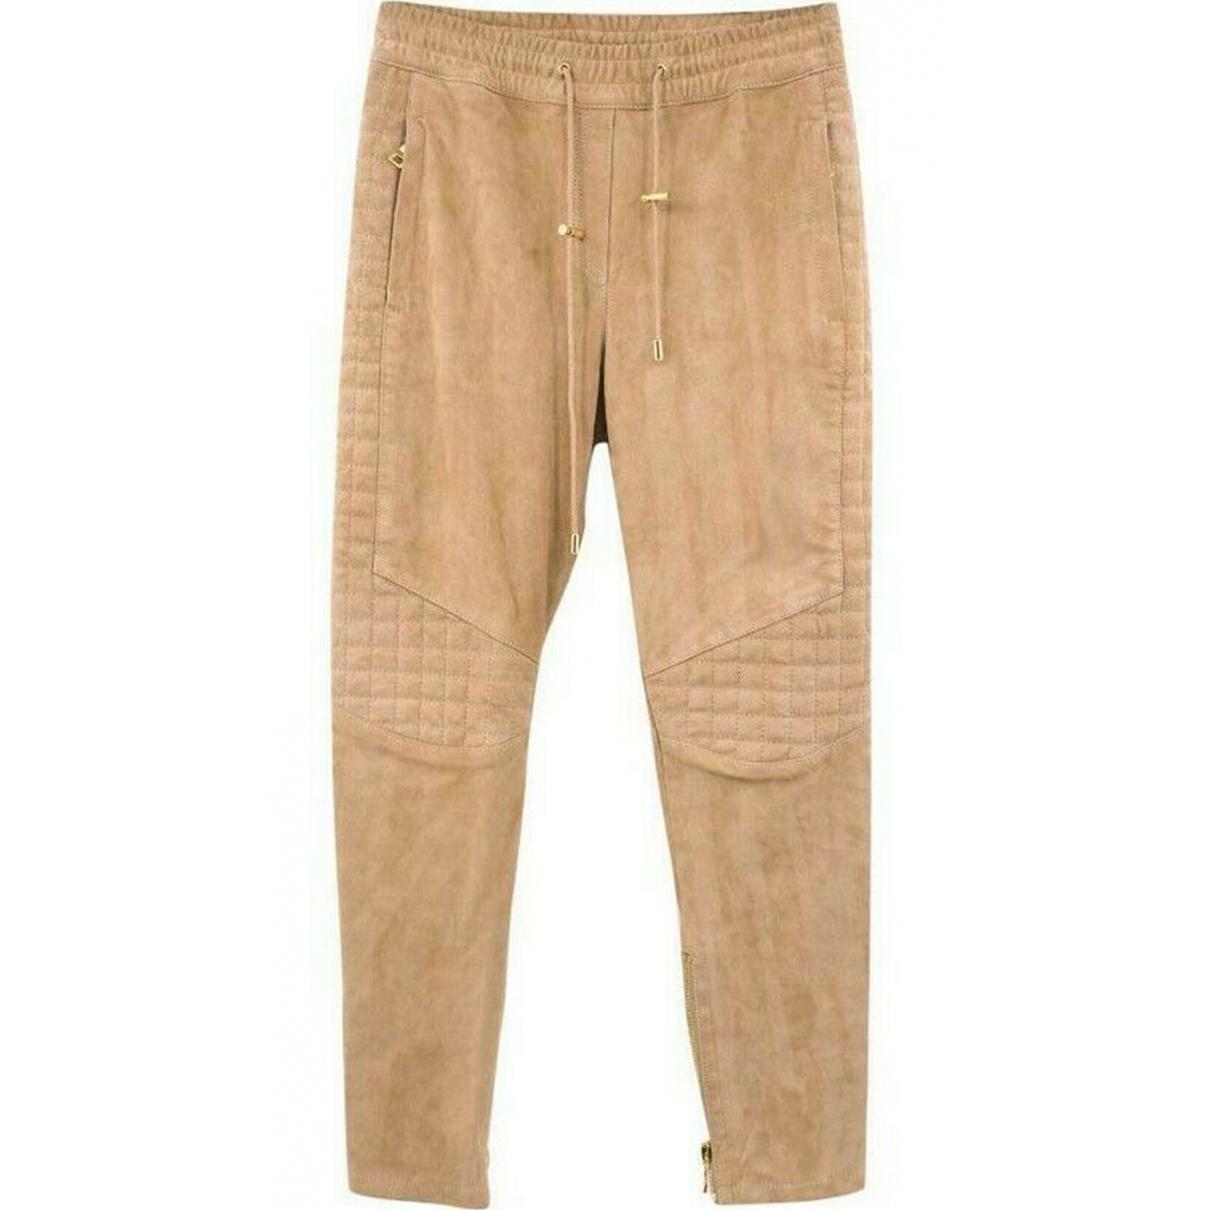 Balmain \N Beige Suede Trousers for Women 36 FR